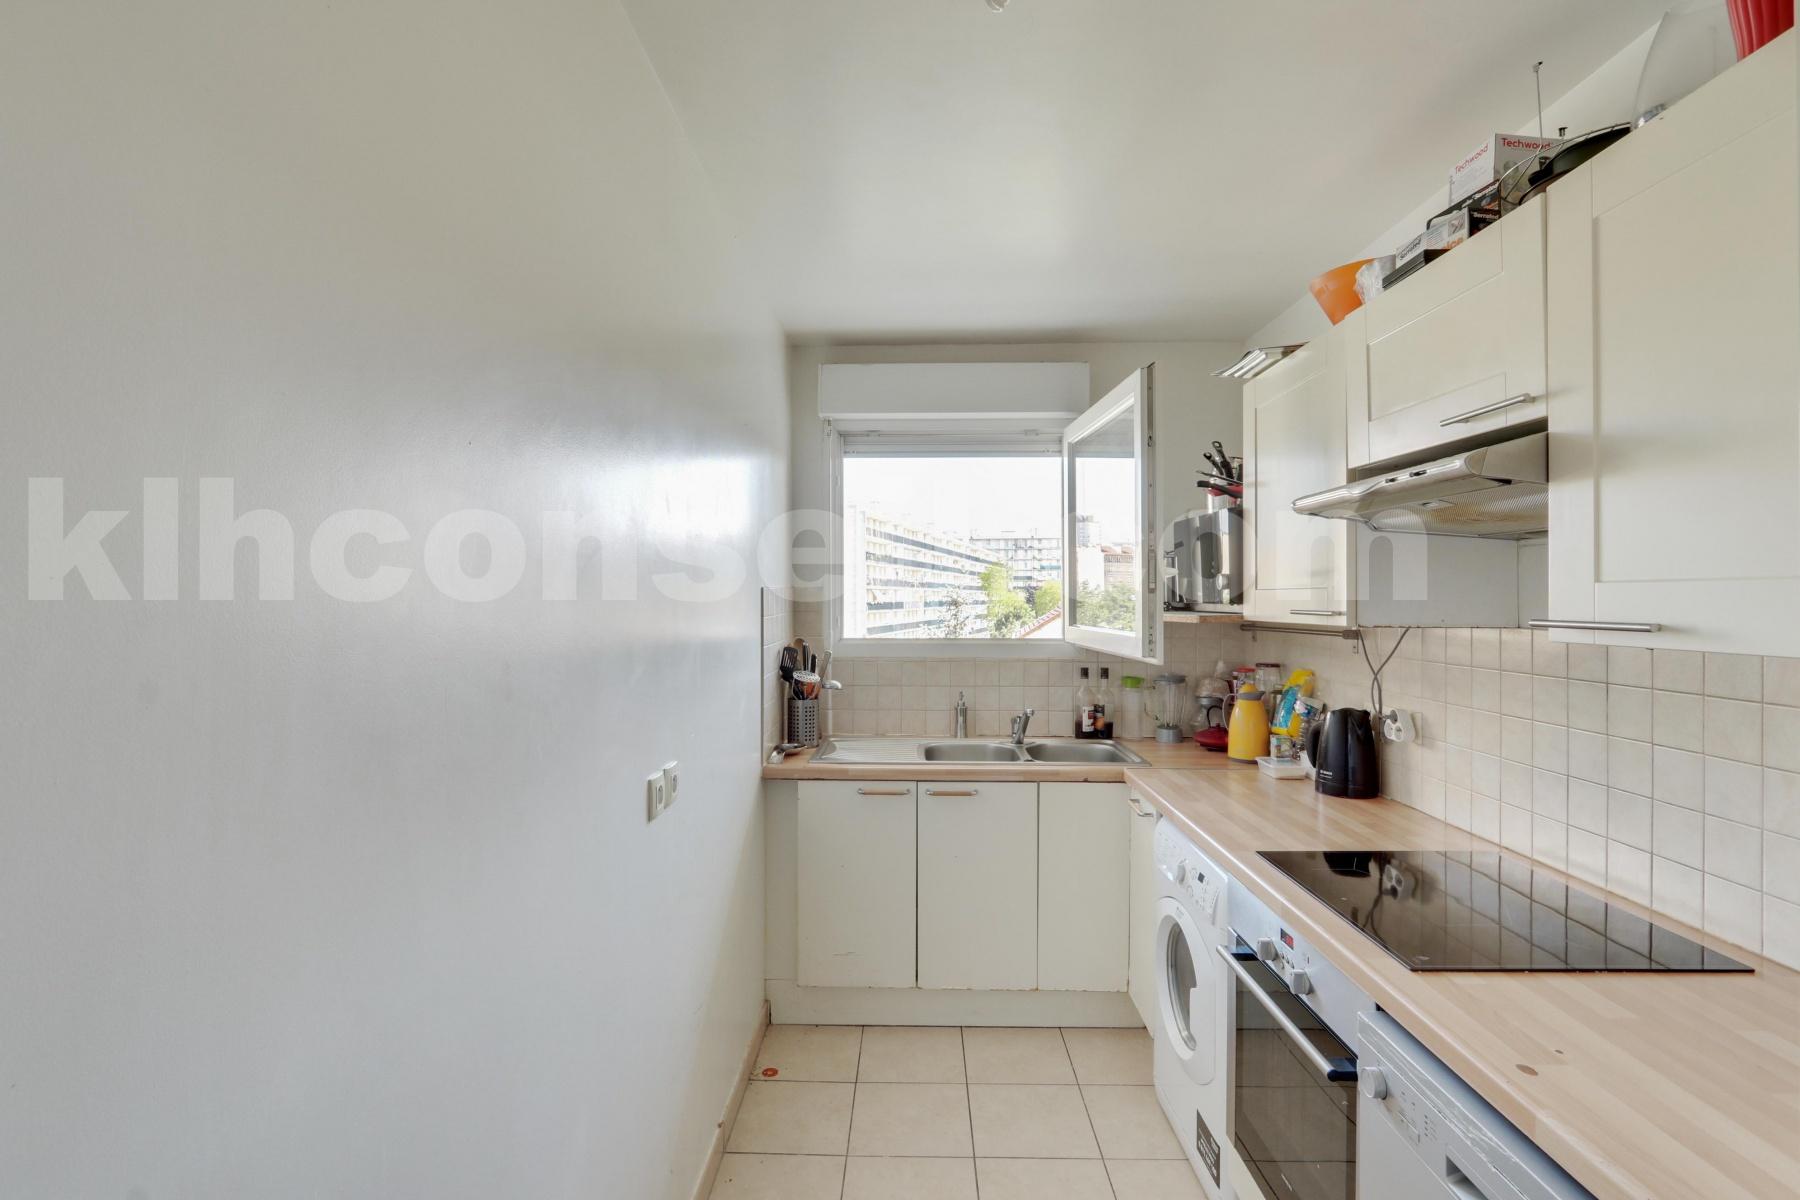 Vente Appartement de 4 pièces 89 m² - COLOMBES 92700 | KLH Conseil -  photo6